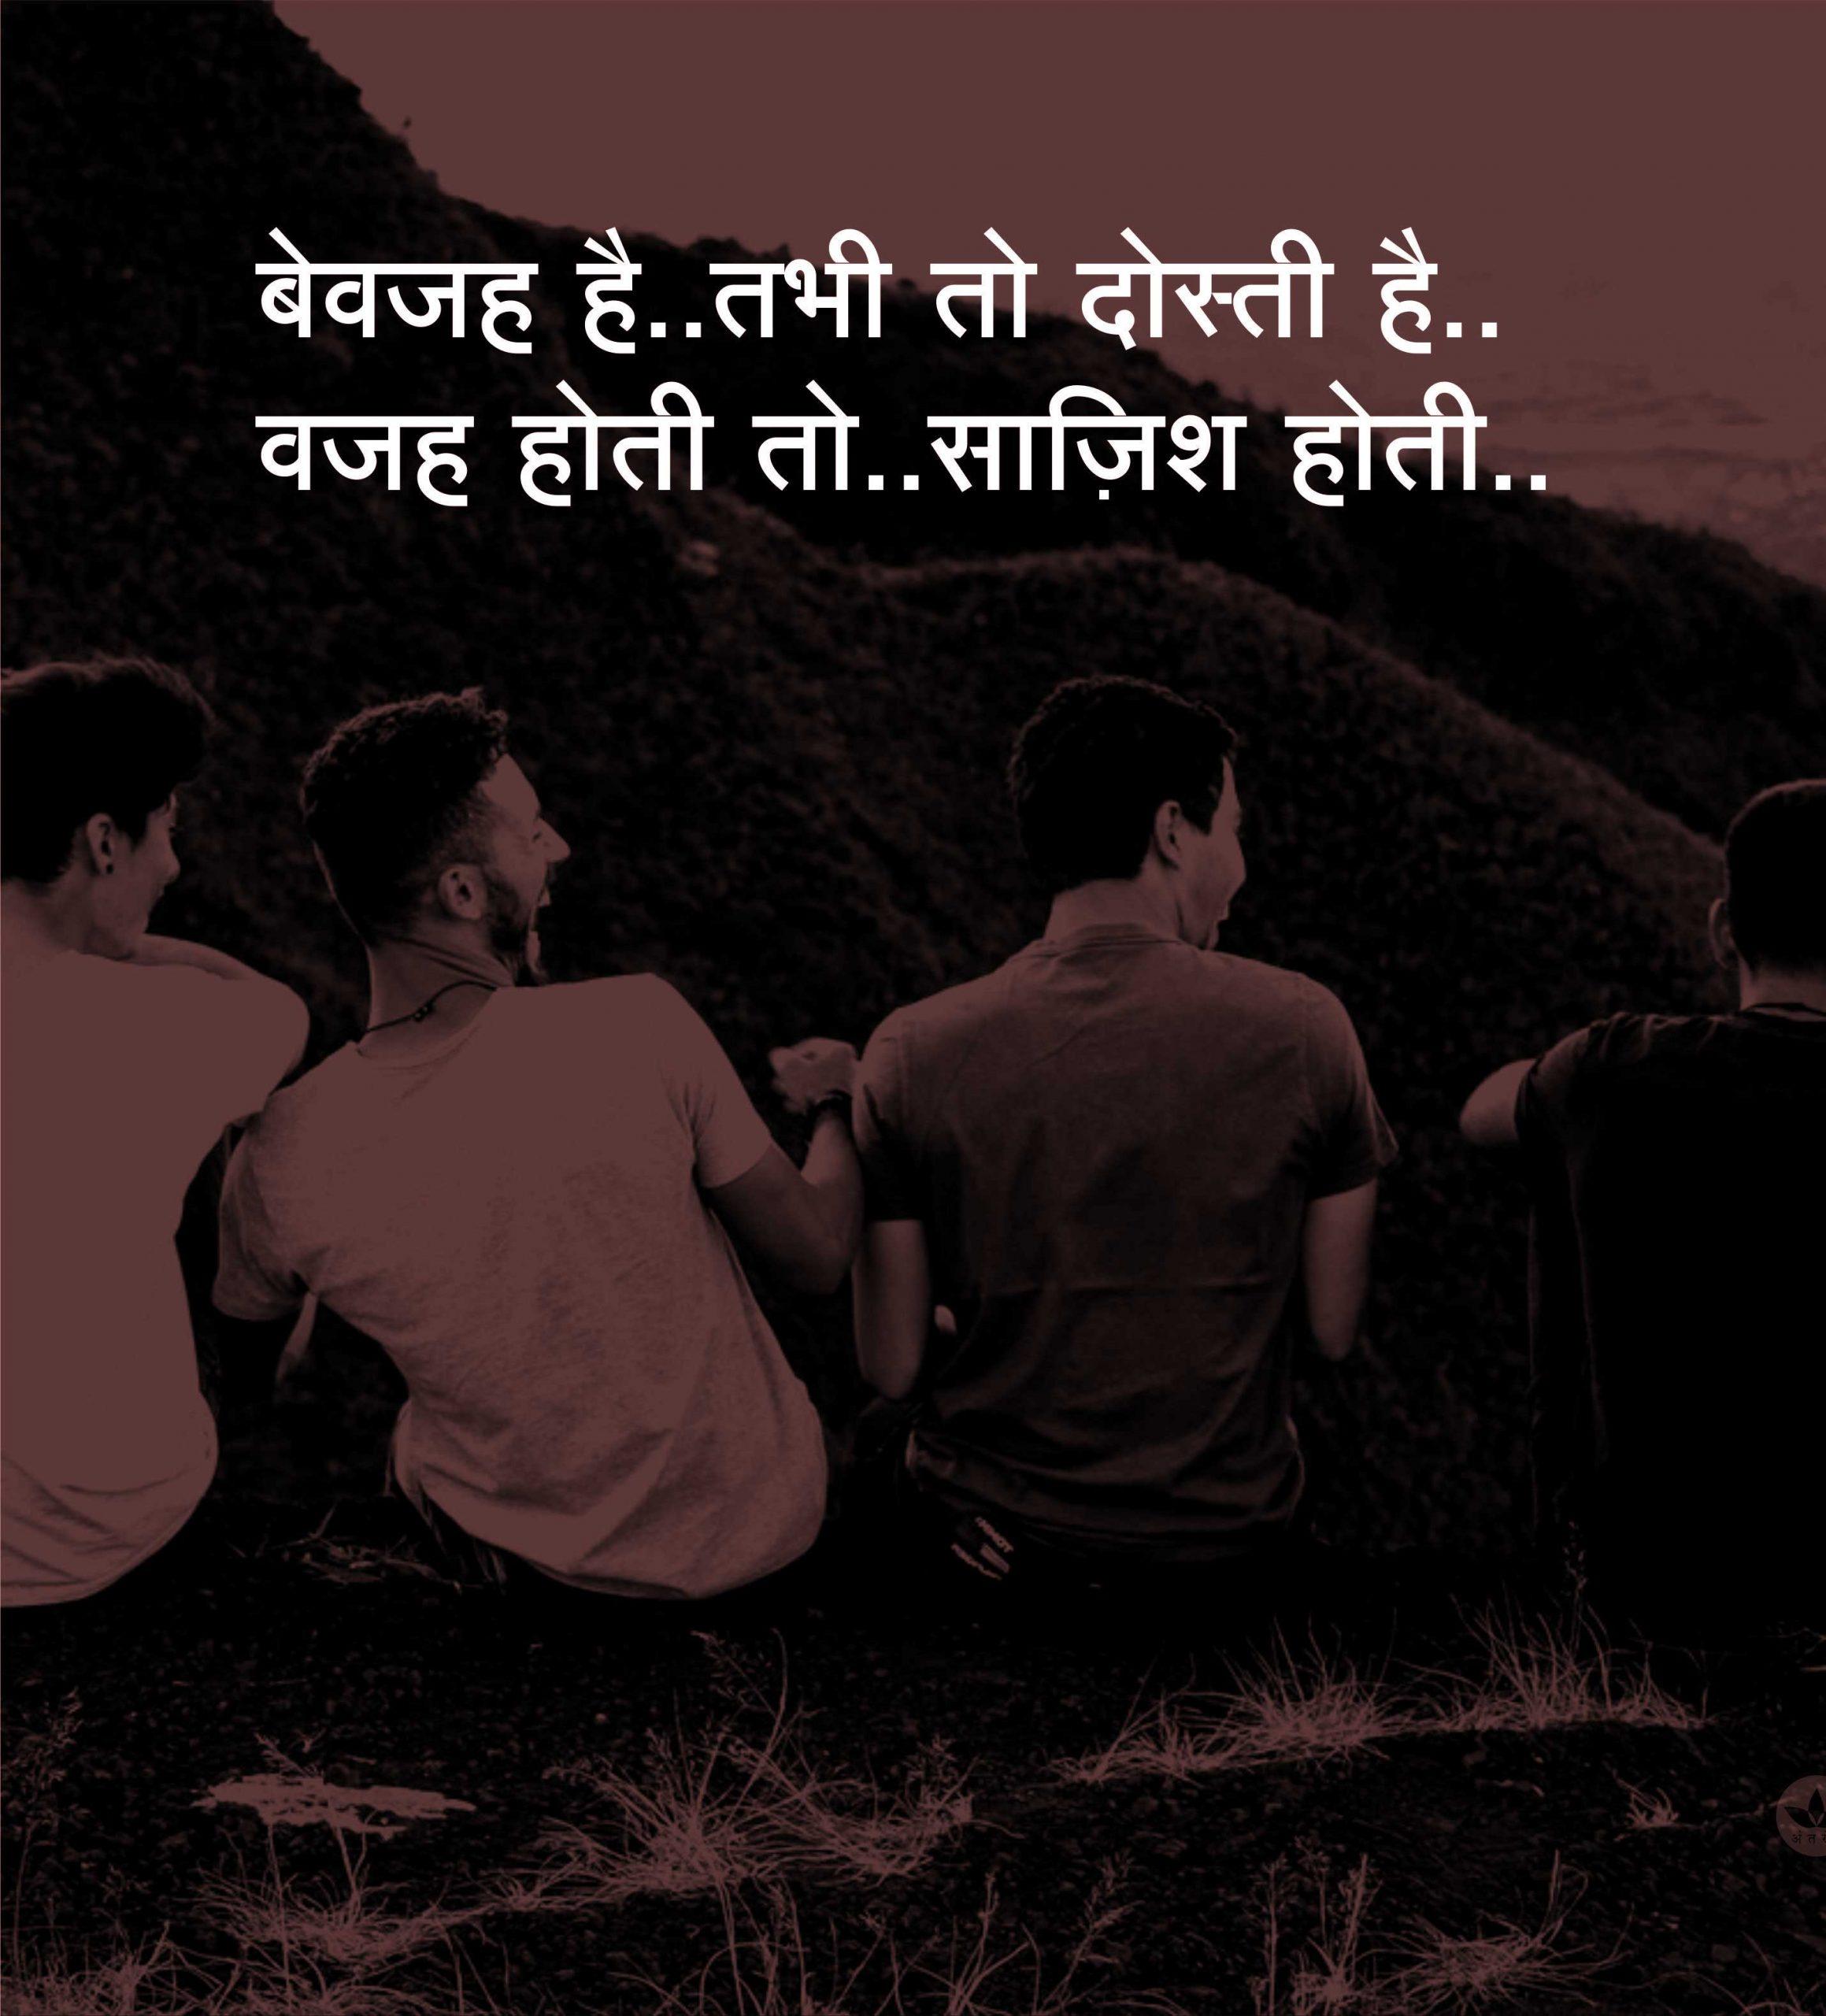 Hindi Quotes Whatsapp DP Photo Hd Free